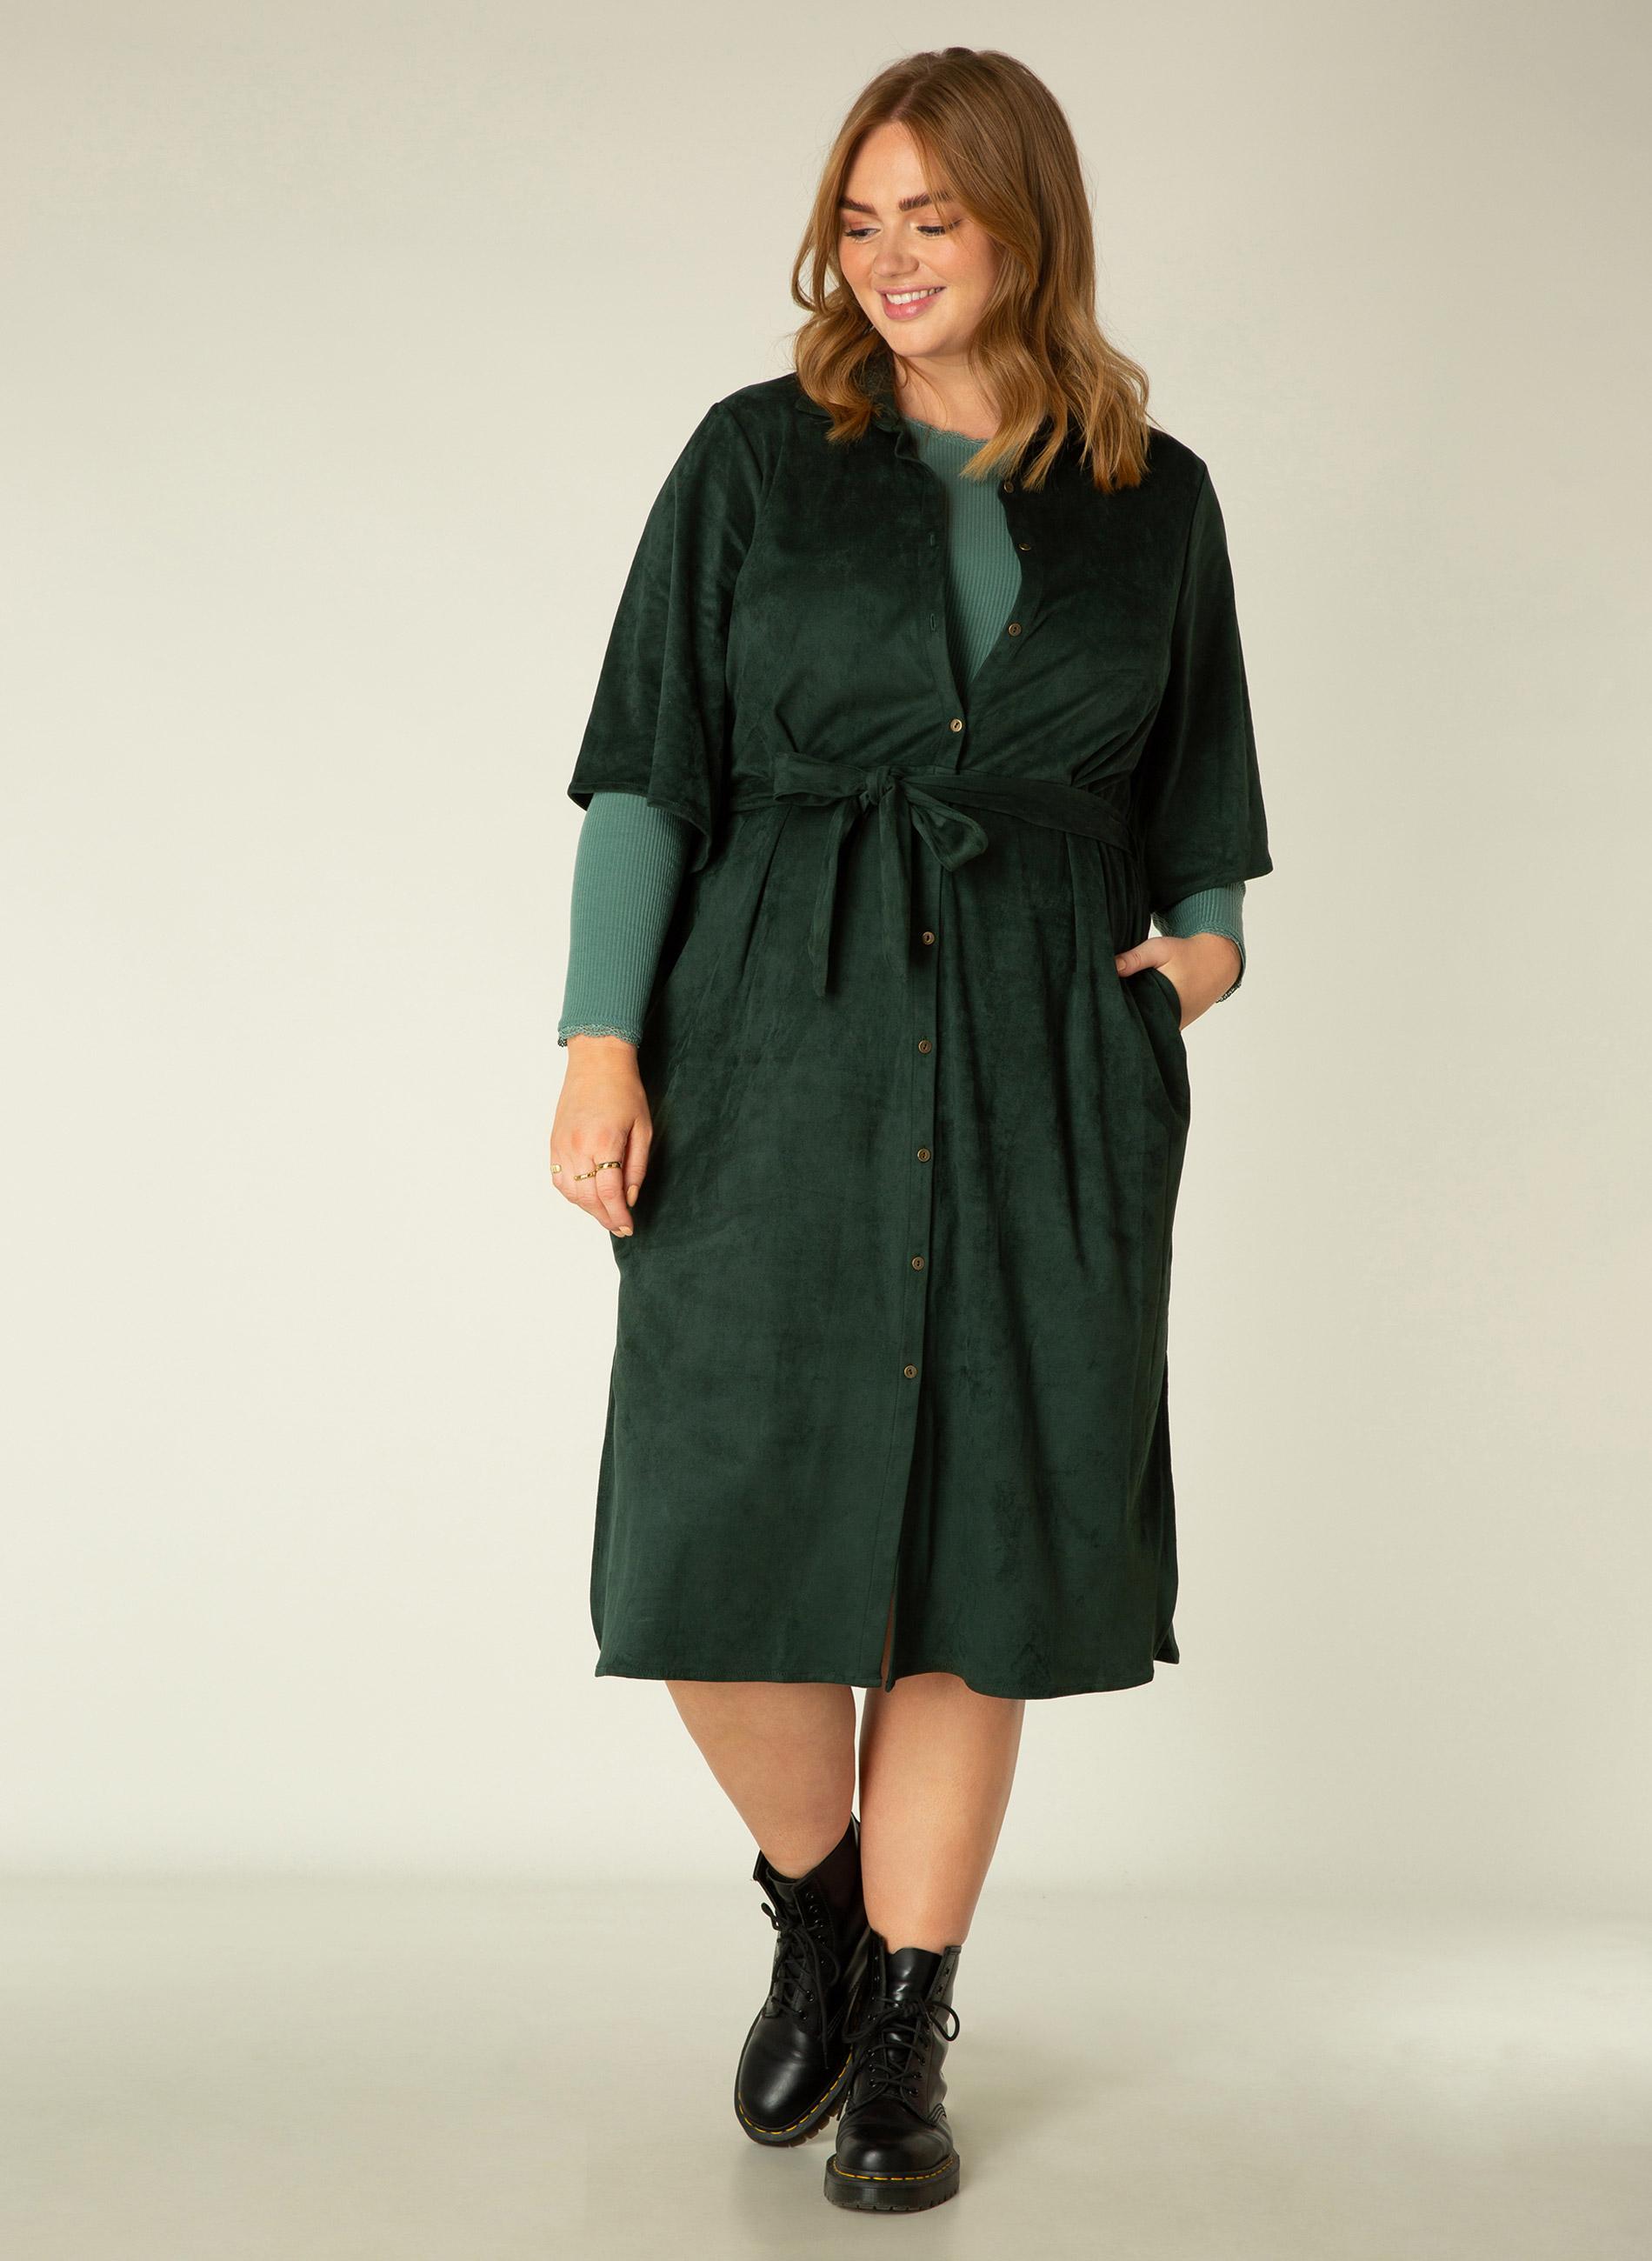 Yesta jurk Velicia Essential